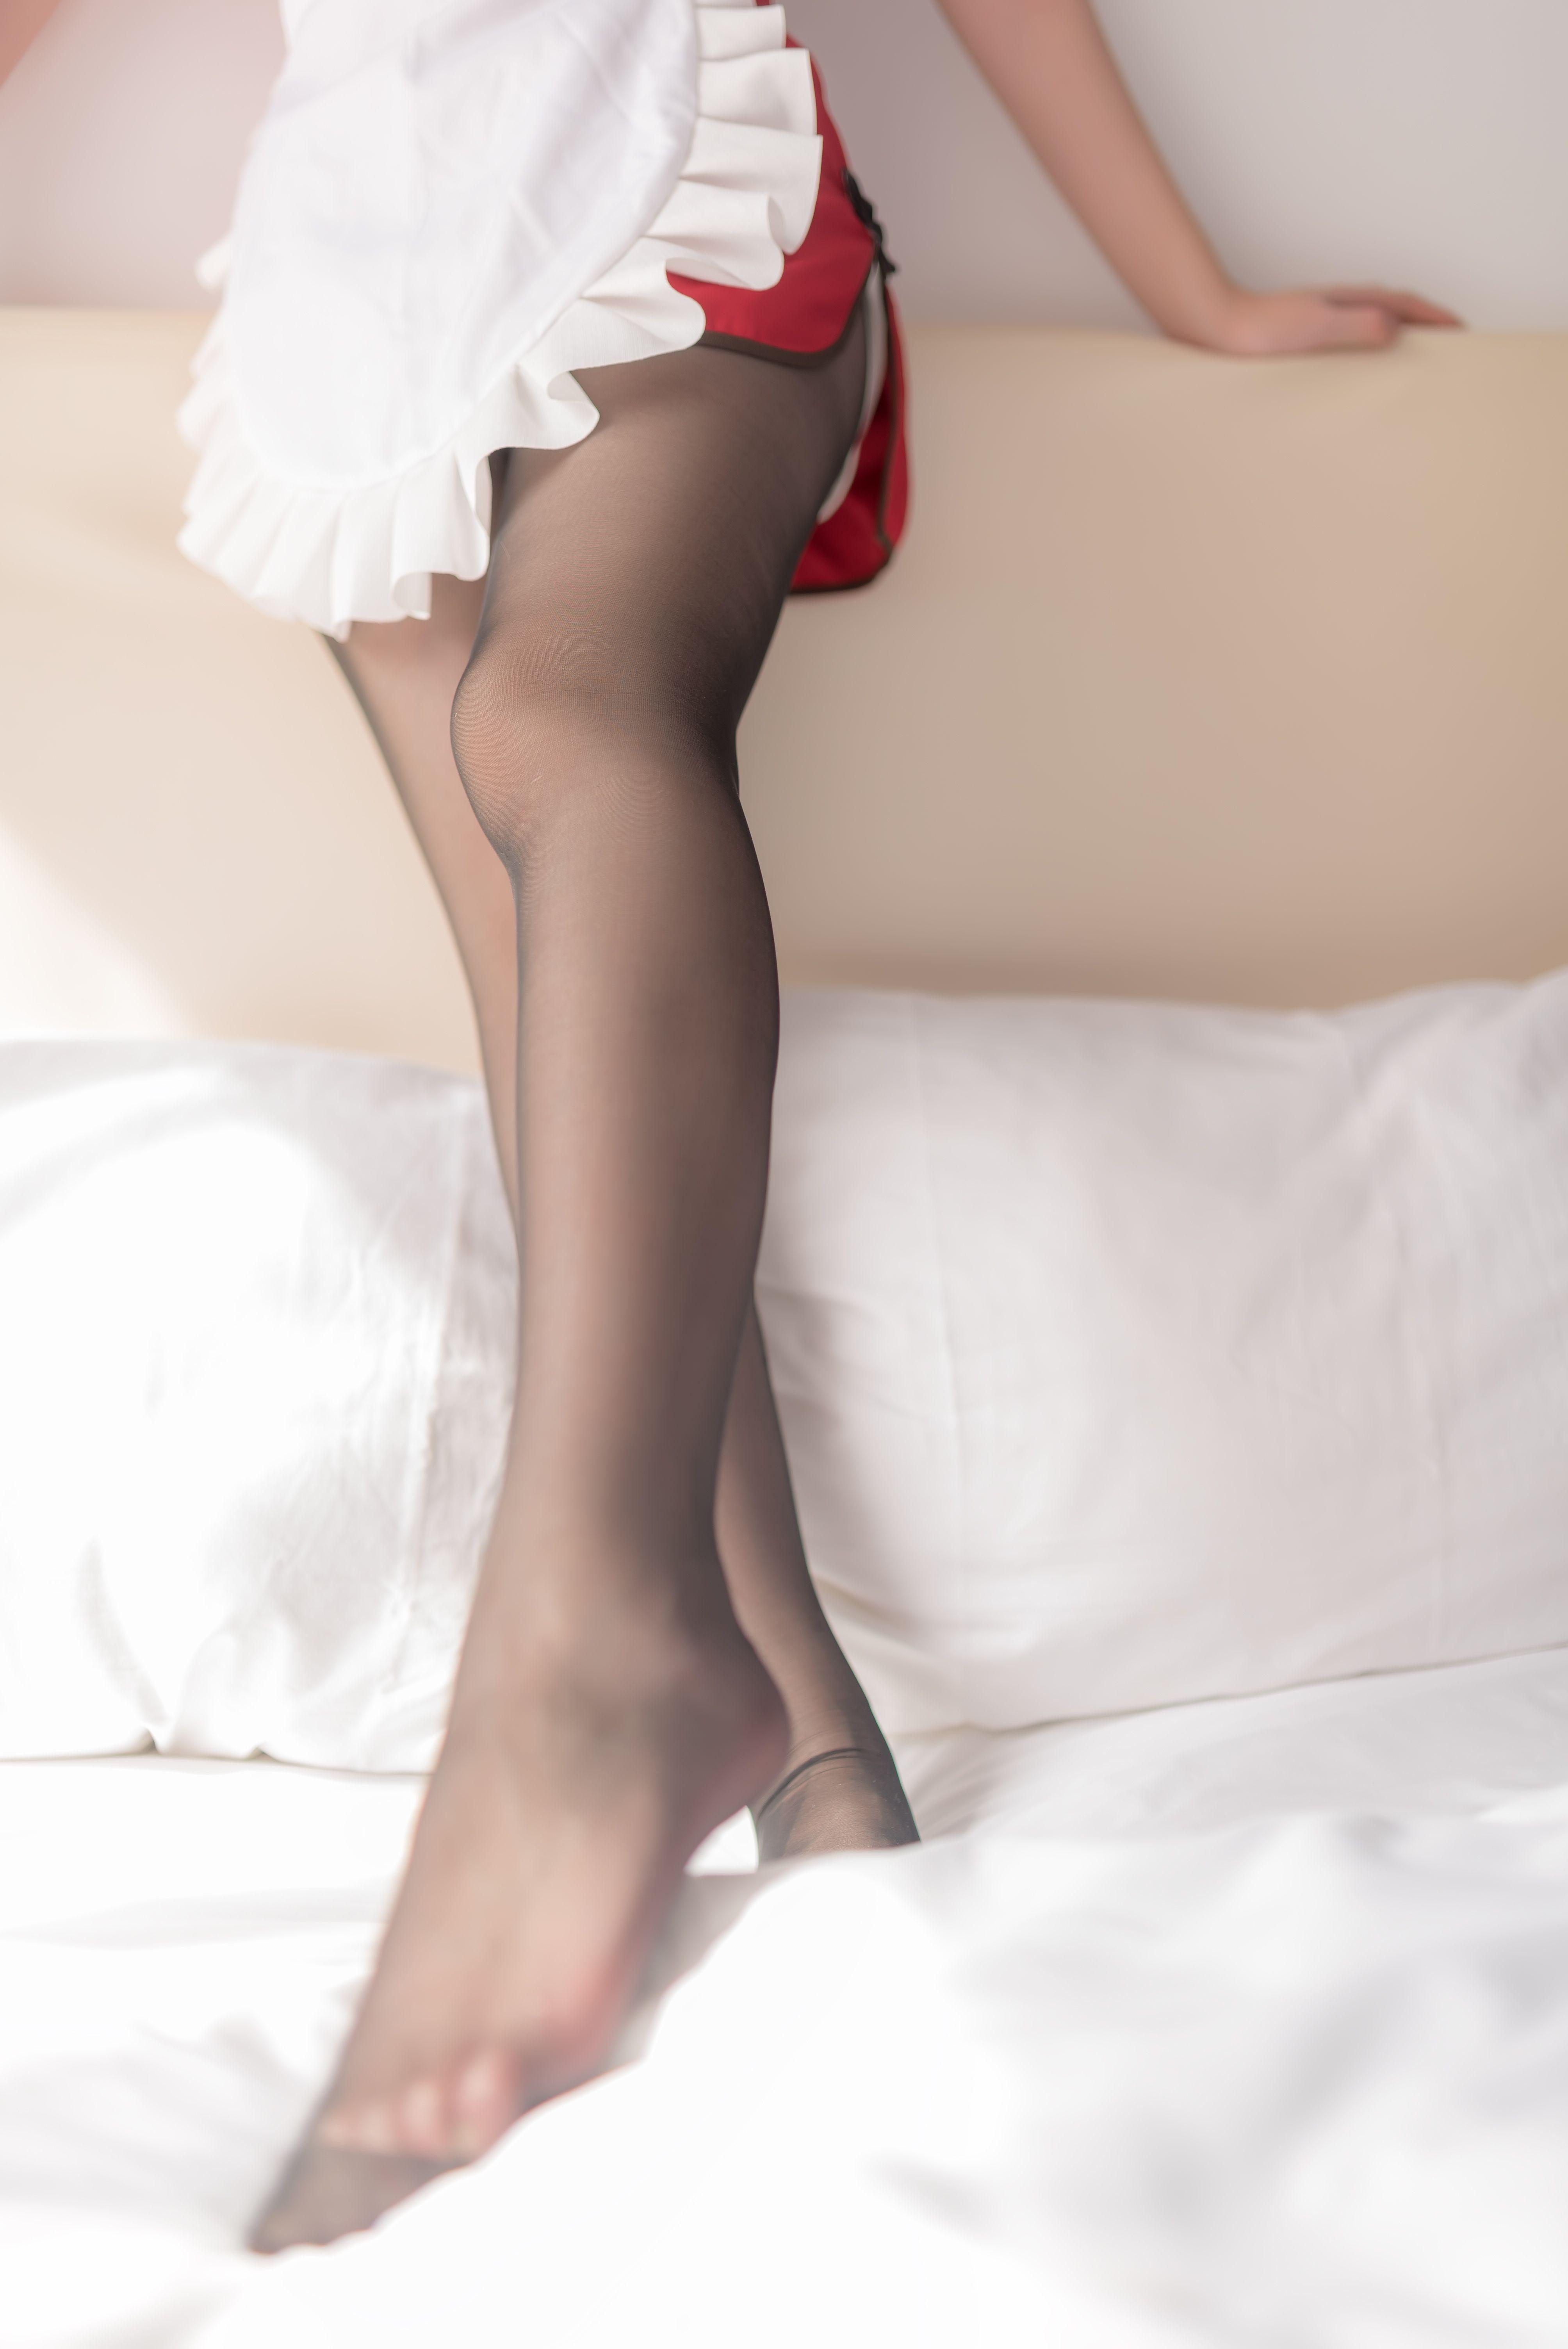 【风之领域】风之领域写真 NO.018 红旗袍女仆的黑丝 [50P-265MB] 风之领域 第5张